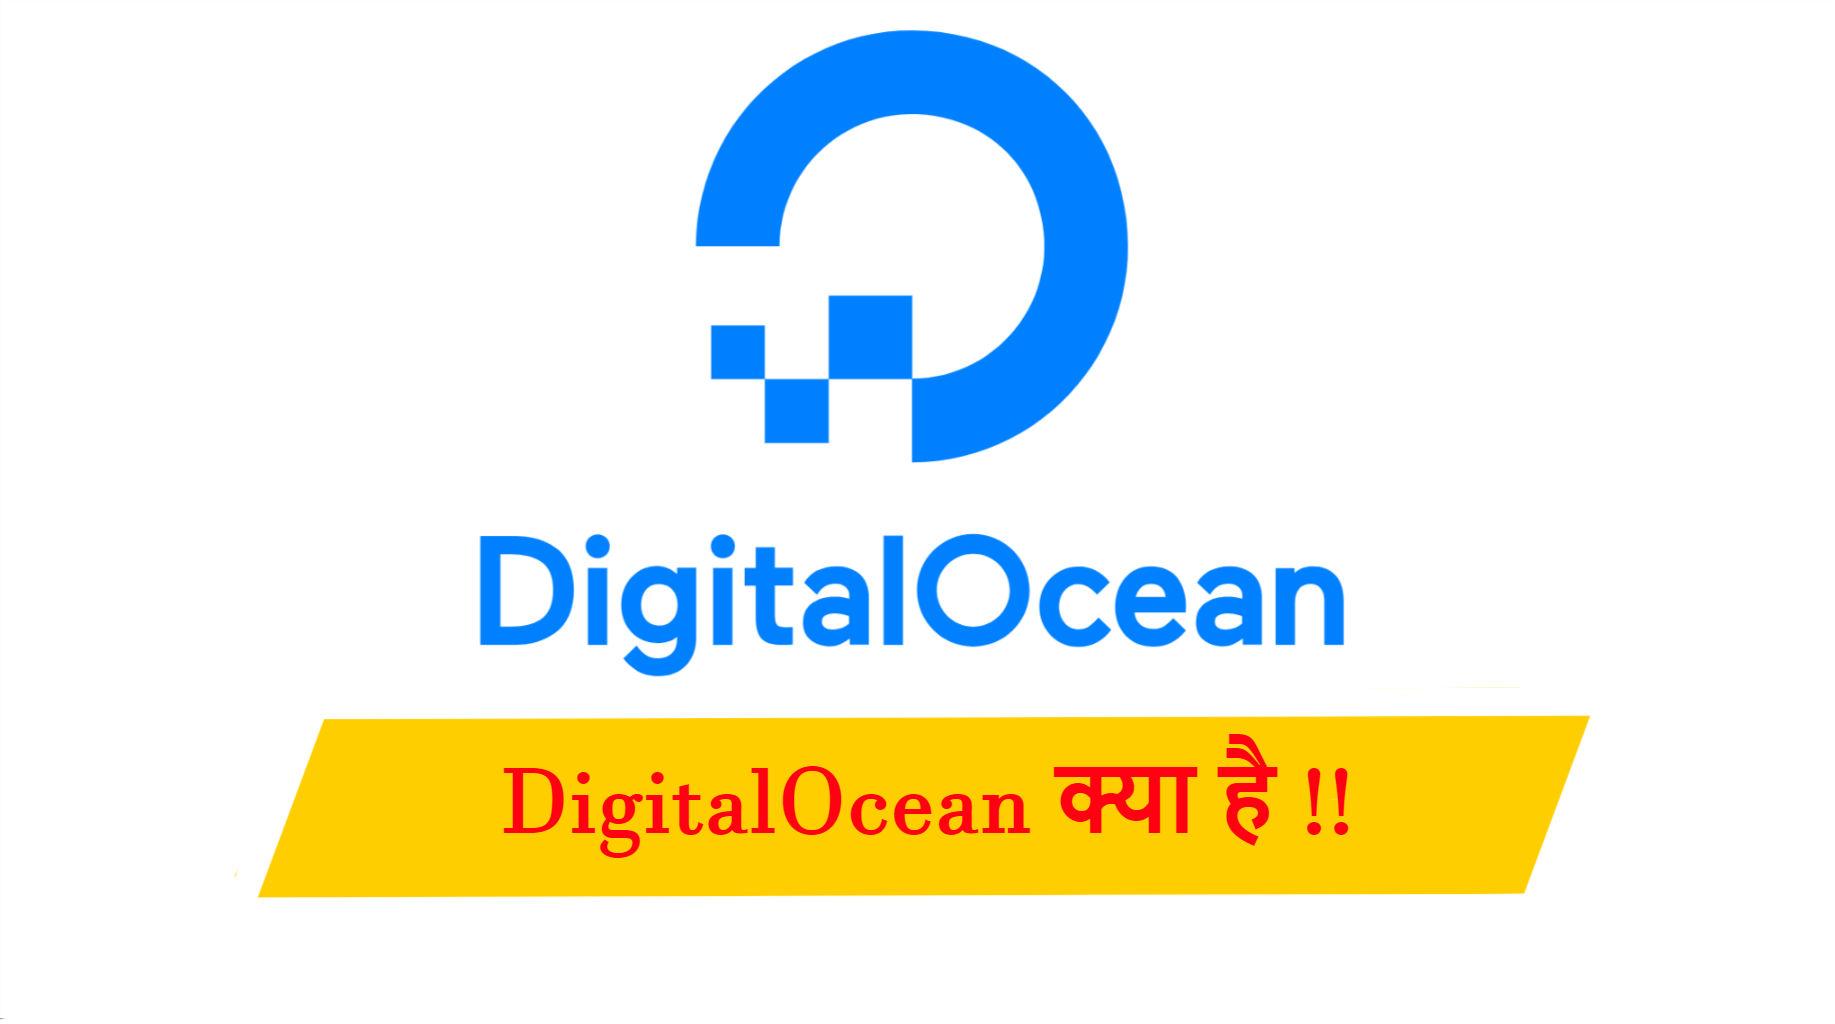 Digitalocean क्या है ? Digitalocean कौन सी Services Provide करता है ?